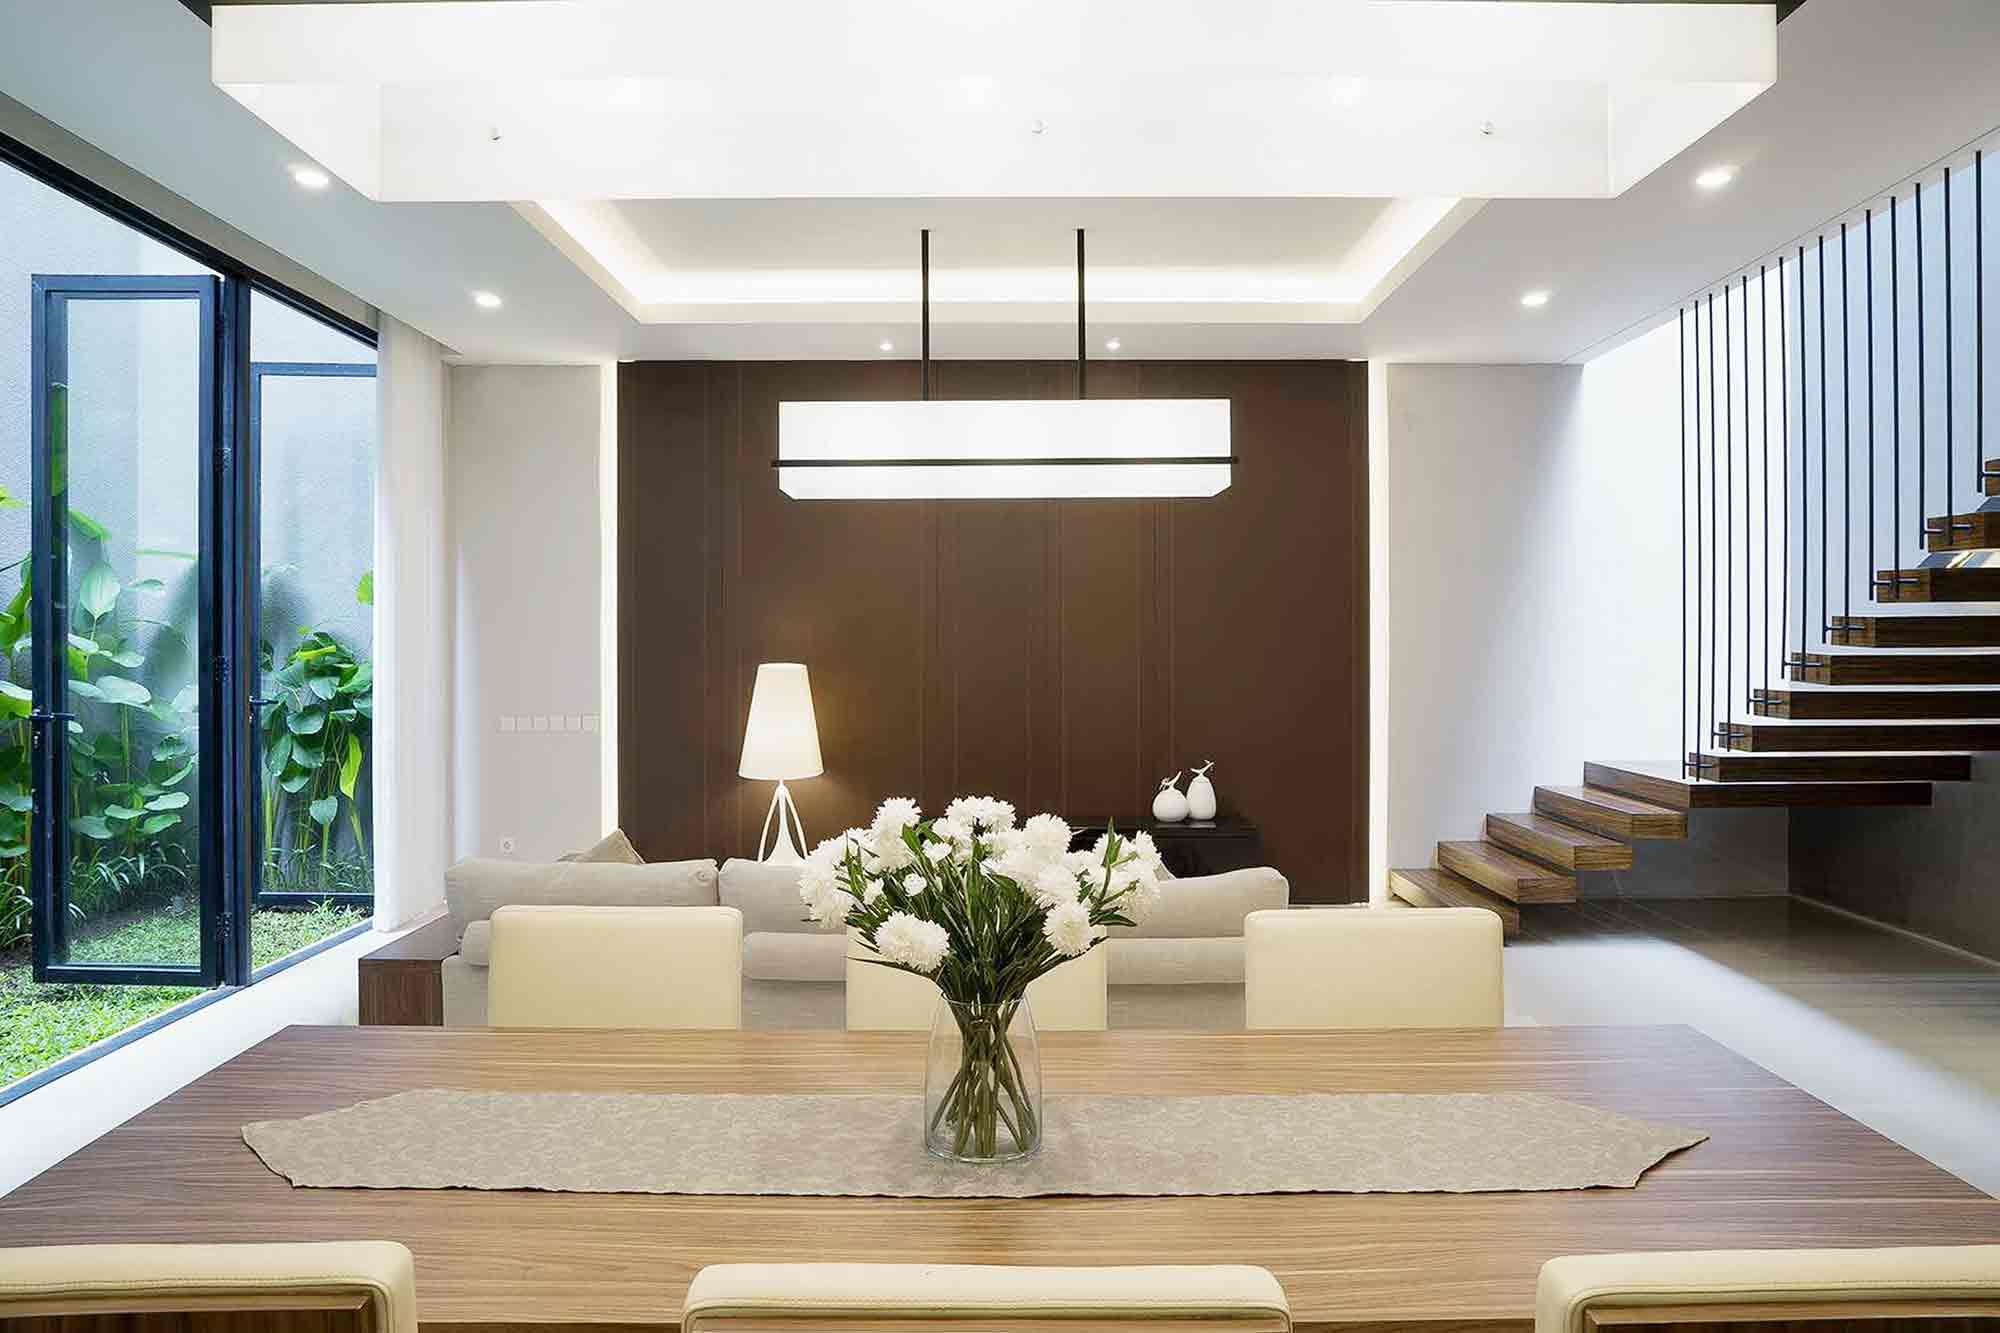 Bagaimana Cara Mendekorasi Interior Rumah dengan Bunga Cantik? | Foto artikel Arsitag